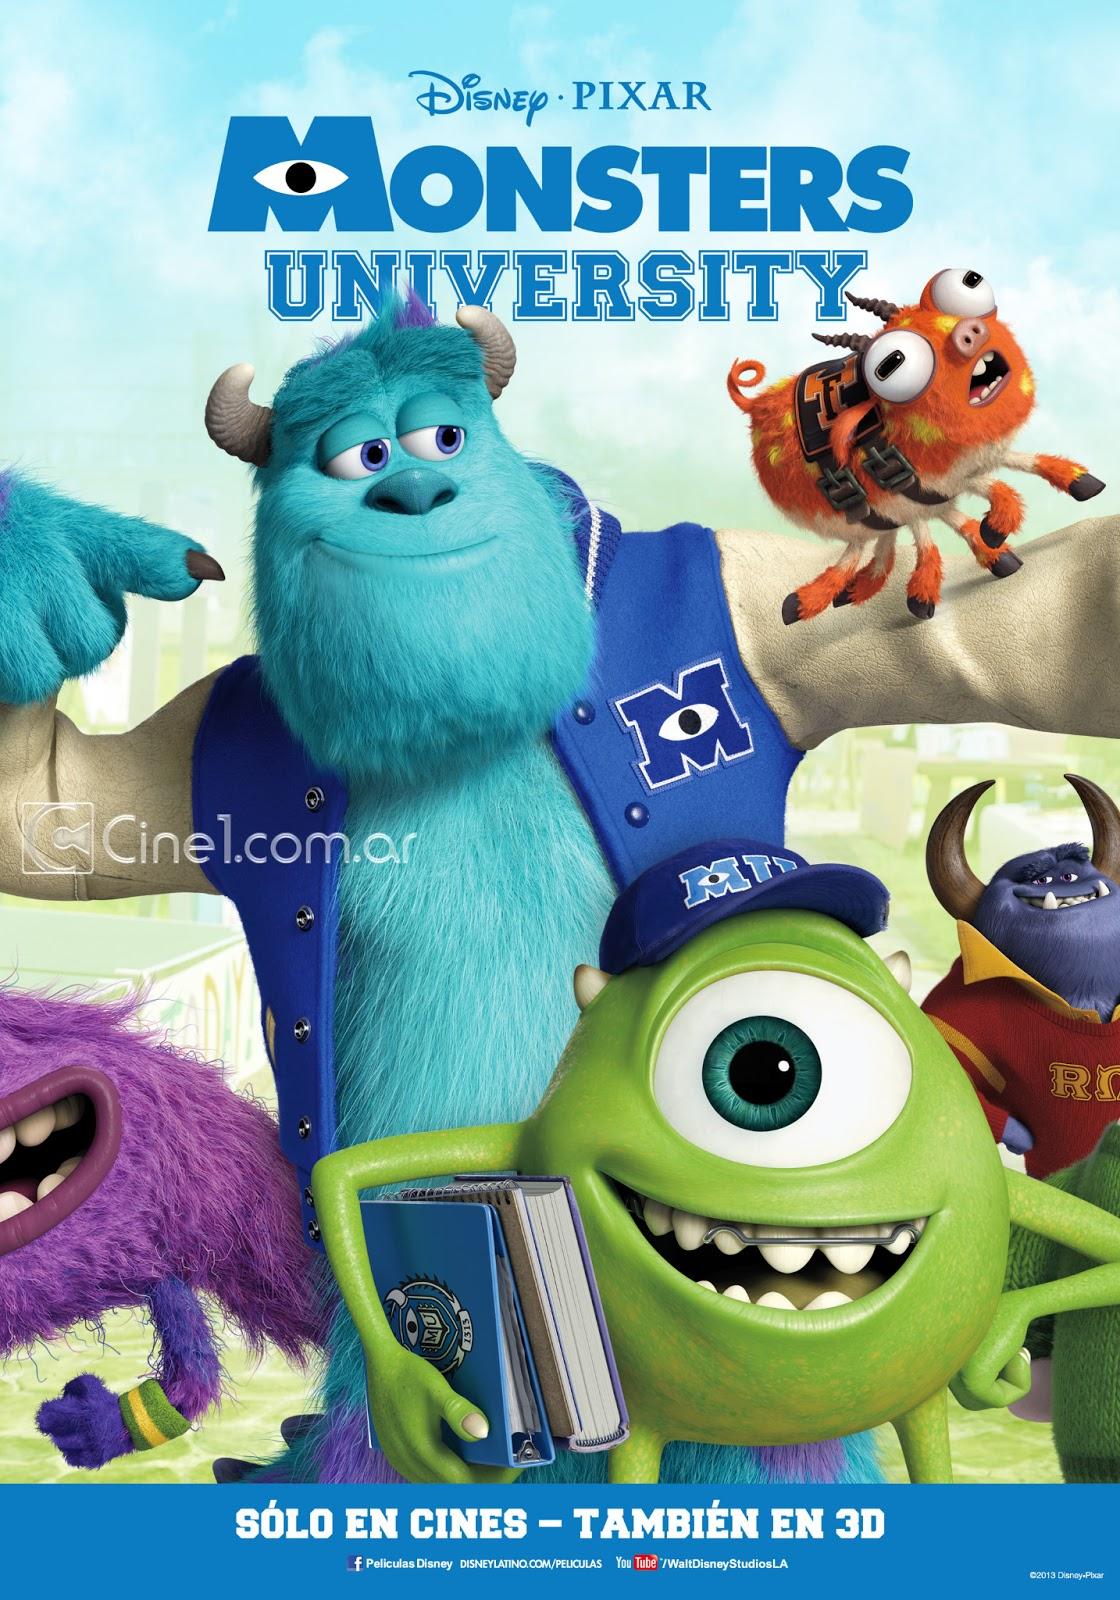 怪兽大学【国英双语】Monsters.University.2013.720p.HDR6.x264.2Audio-SmY